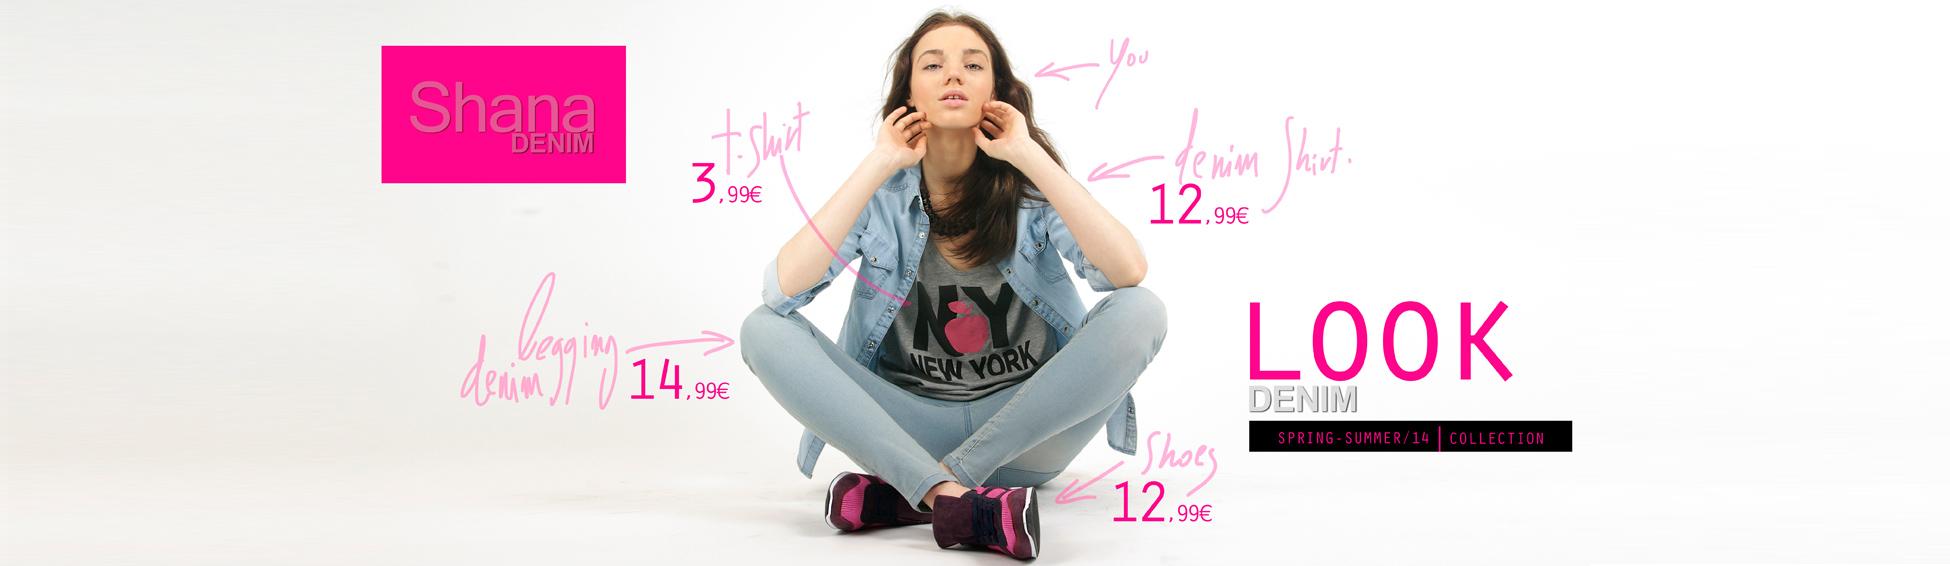 Shana | Moda Joven | Compra online las últimas tendencias en ropa para mujer.